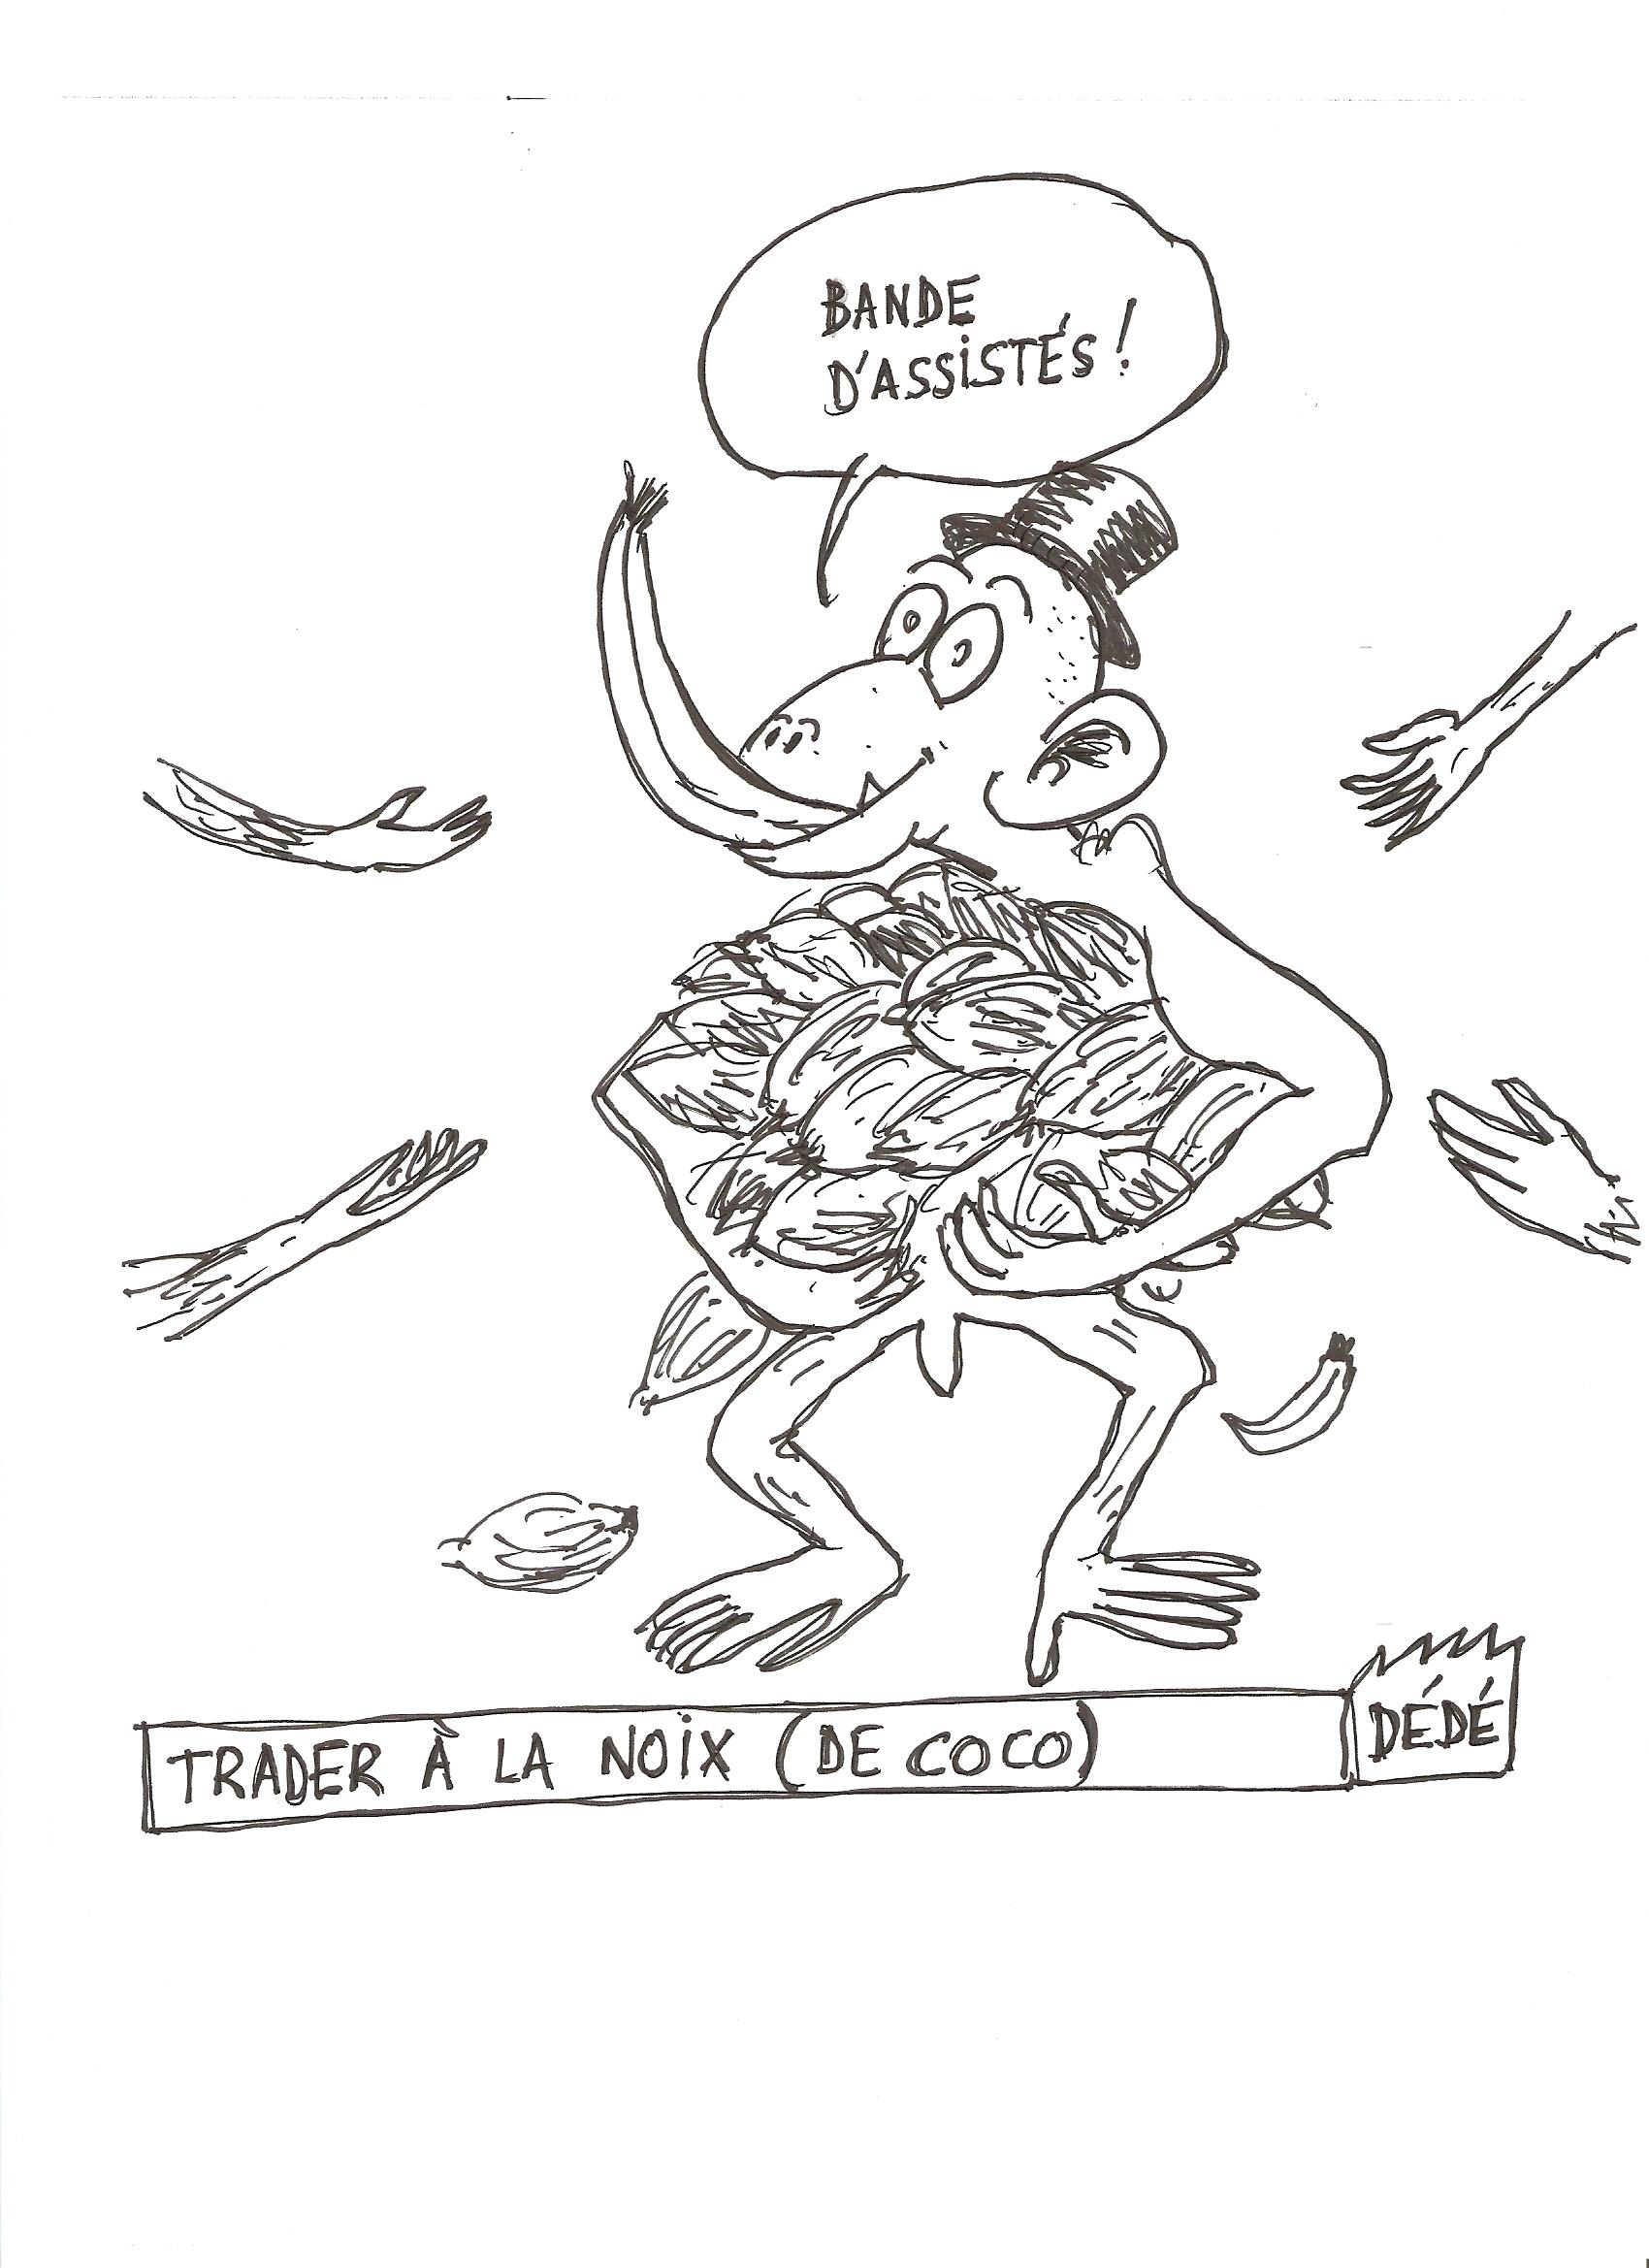 Trader à la noix